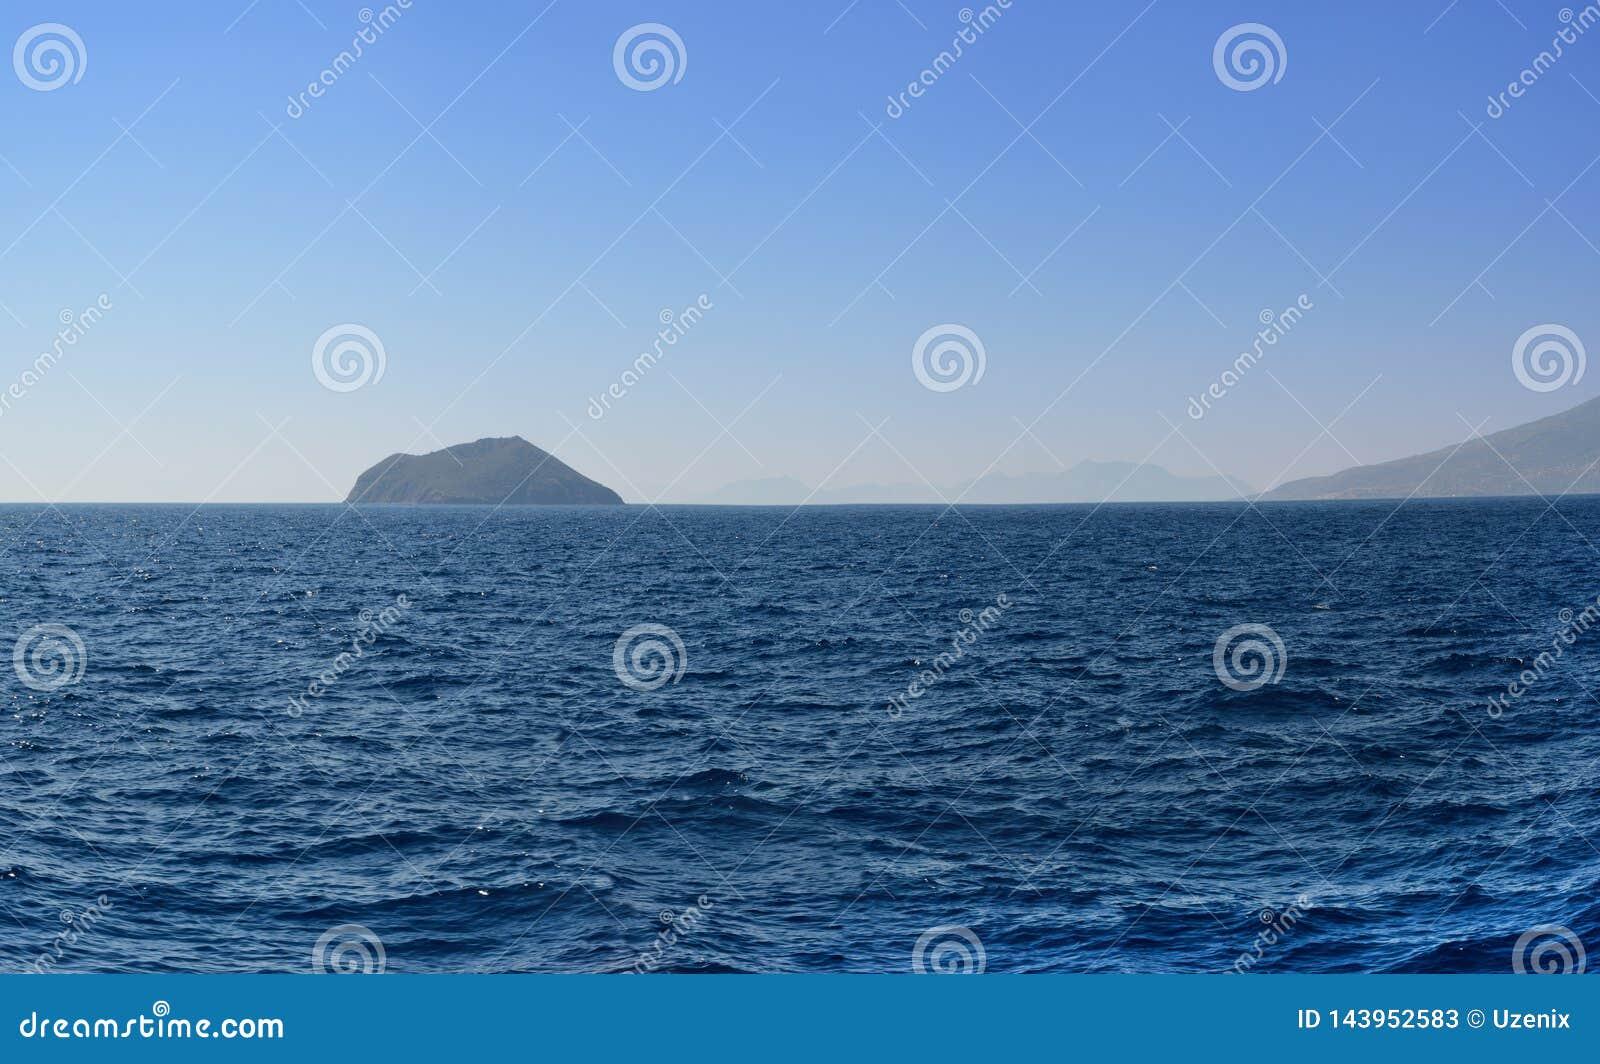 Panorama morze egejskie przegapia następne góry w lato wieczór po spadku i wyspy ja szy od cztery